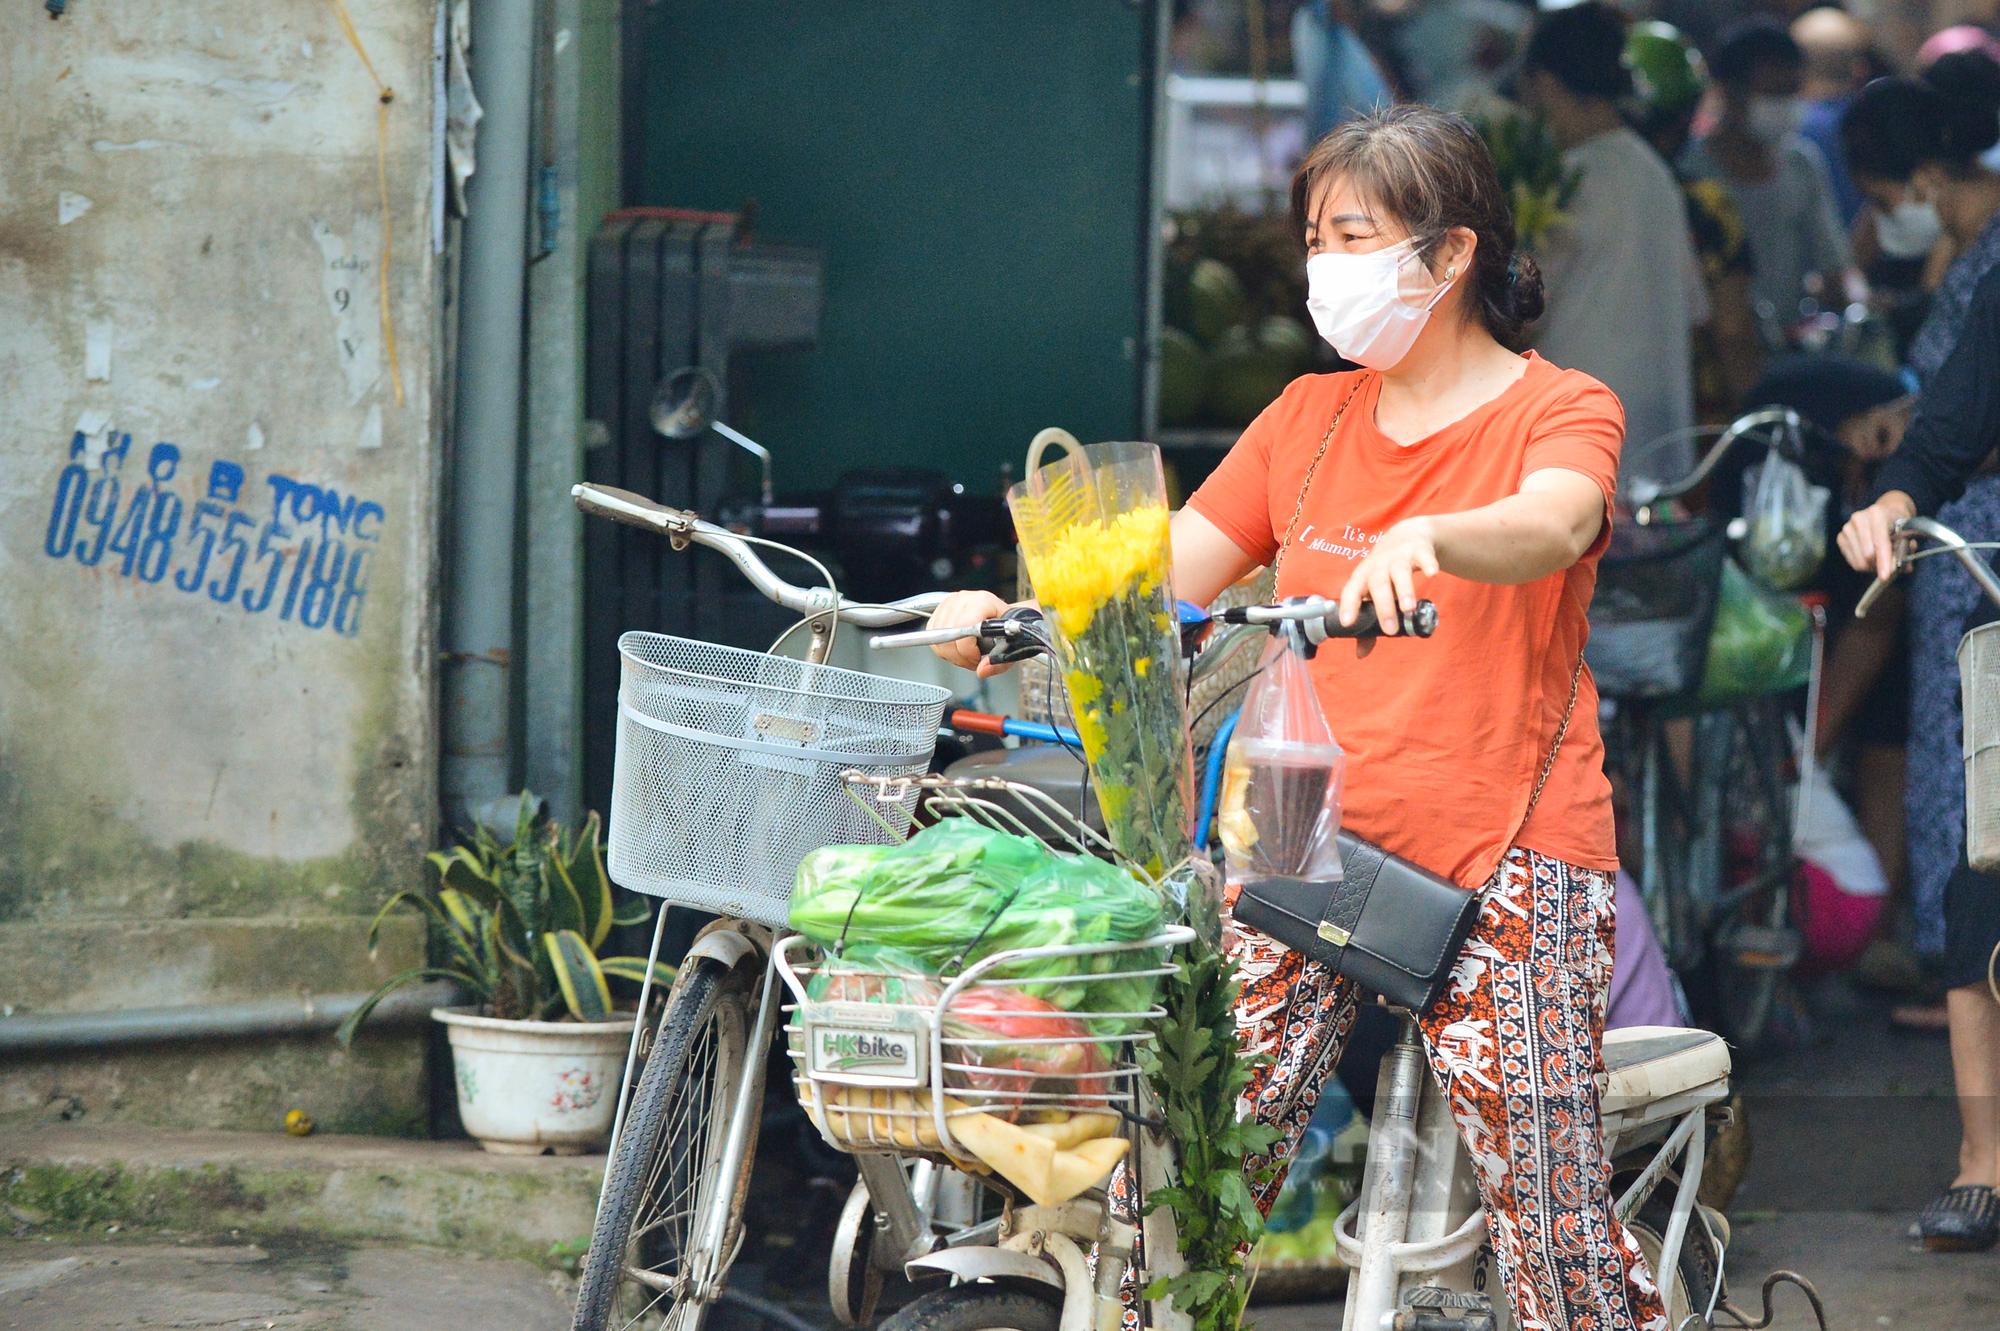 Chợ dân sinh ở Hà Nội đông đúc ngày đầu nới lỏng giãn cách - Ảnh 8.